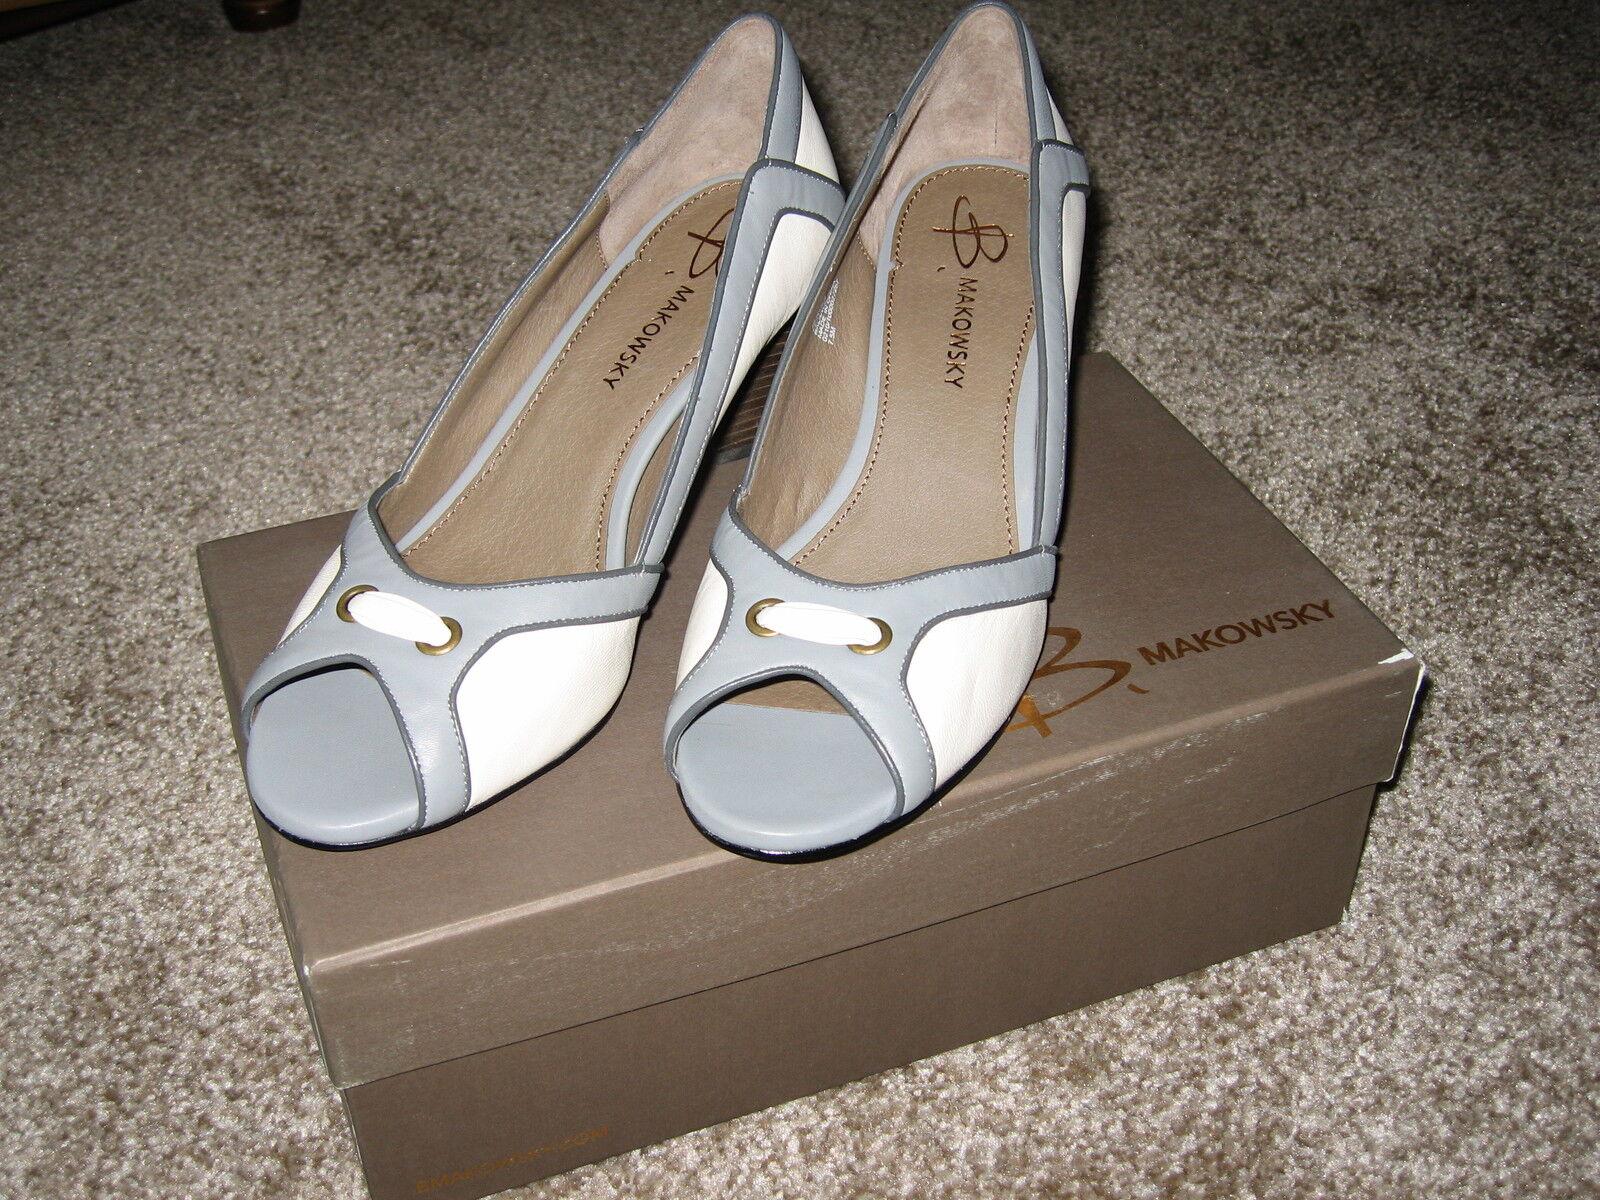 B Makowsky Peep Toe sandals